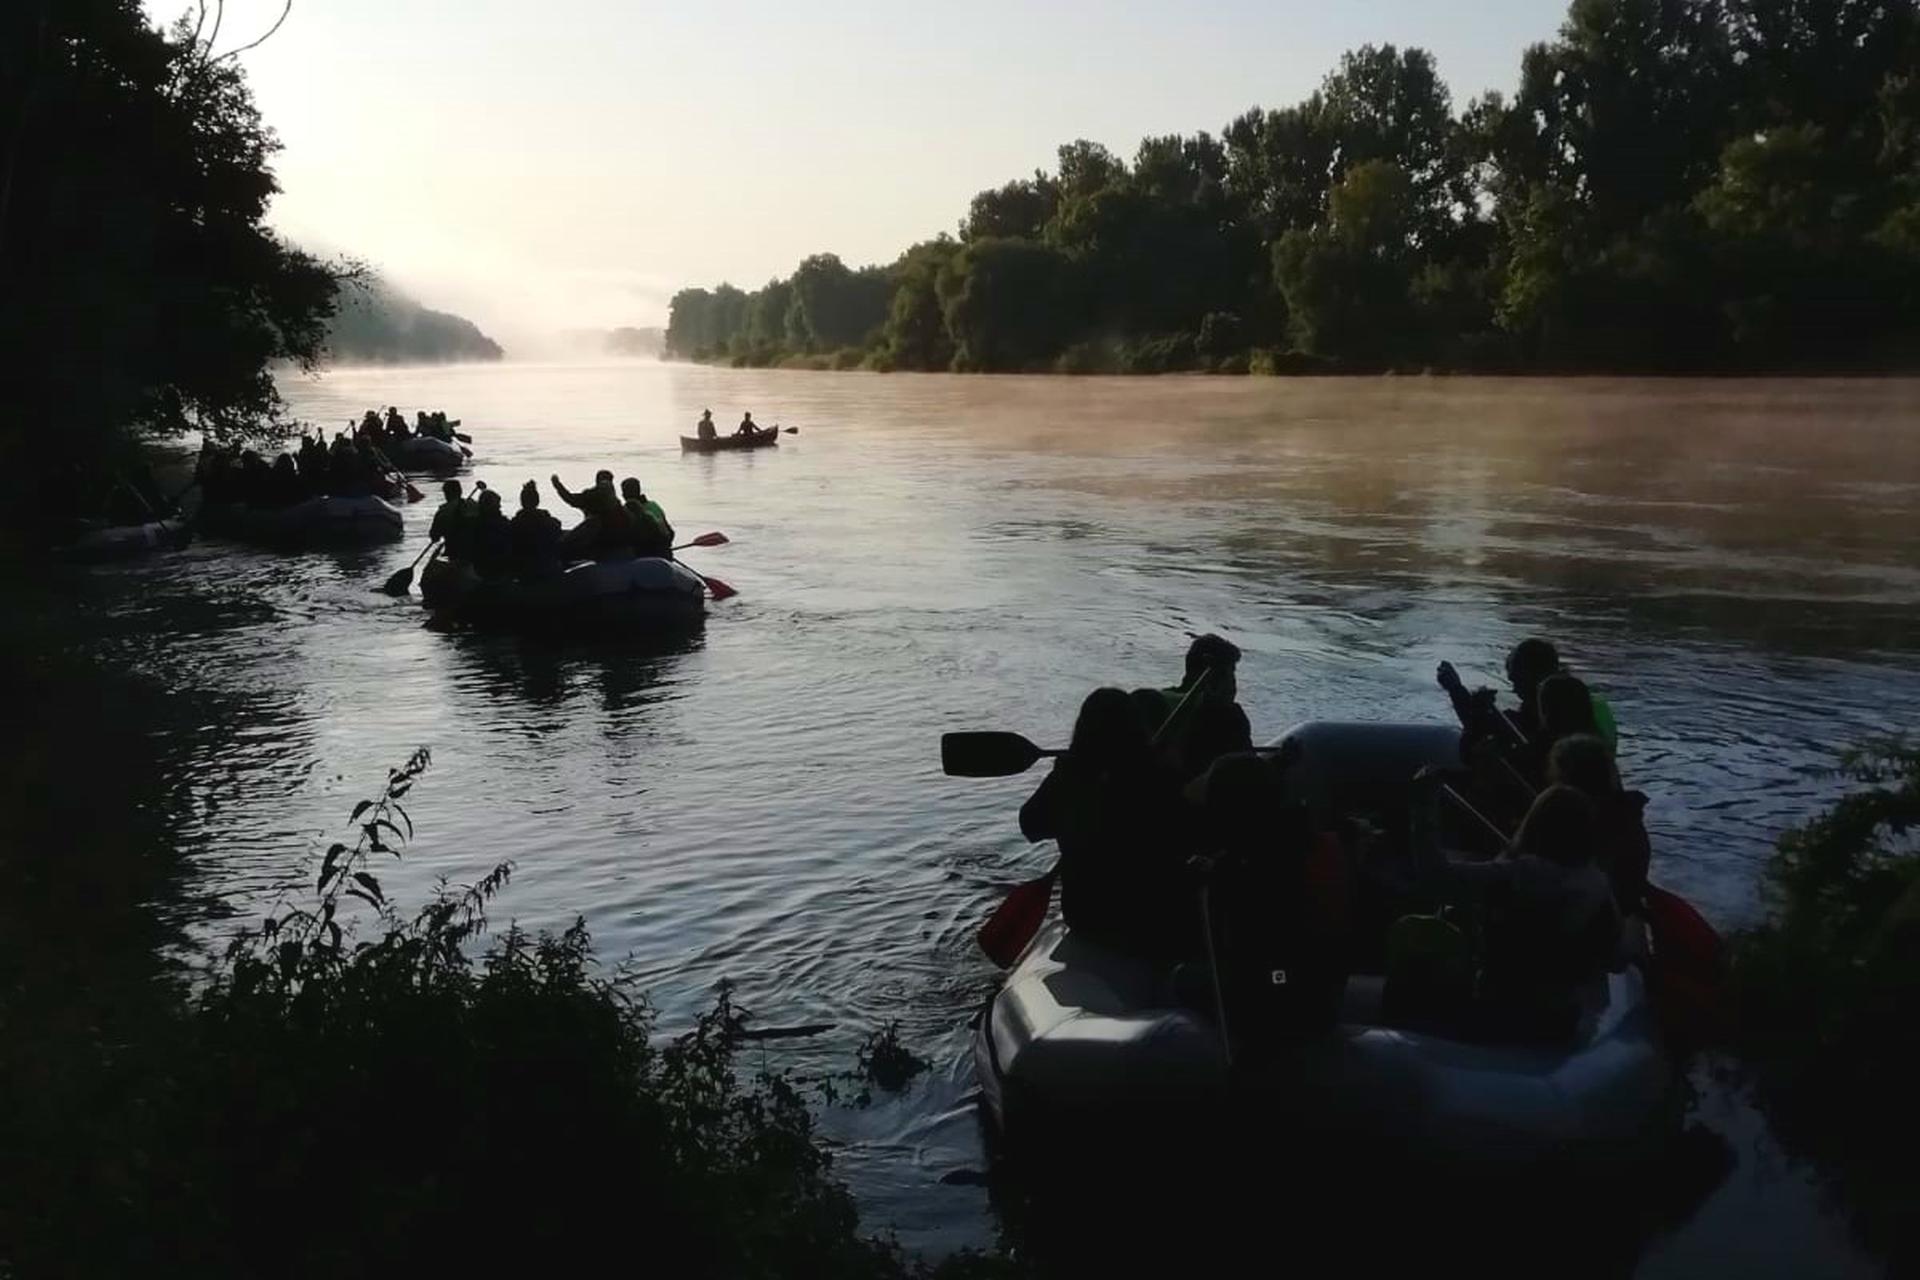 Bootstour auf der Donau mit einem Leih-Schlauchboot vom Bootsverleih Stefan Meier in Saal